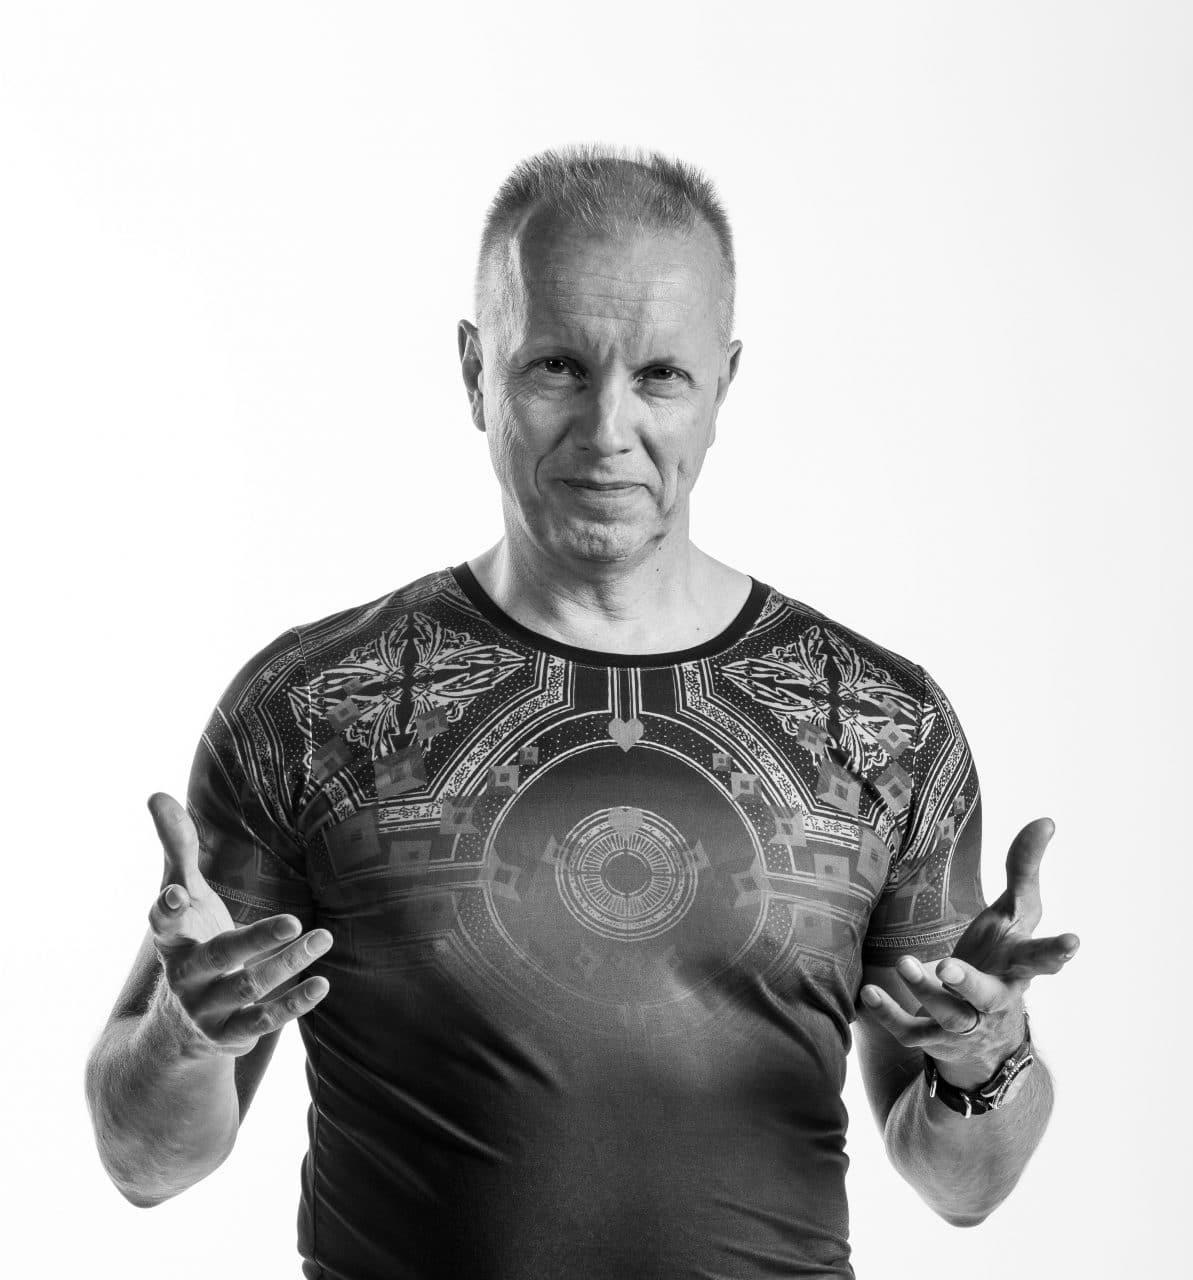 Tulevaisuustutkija ja työyhteisövalmentaja Ilkka Halava.